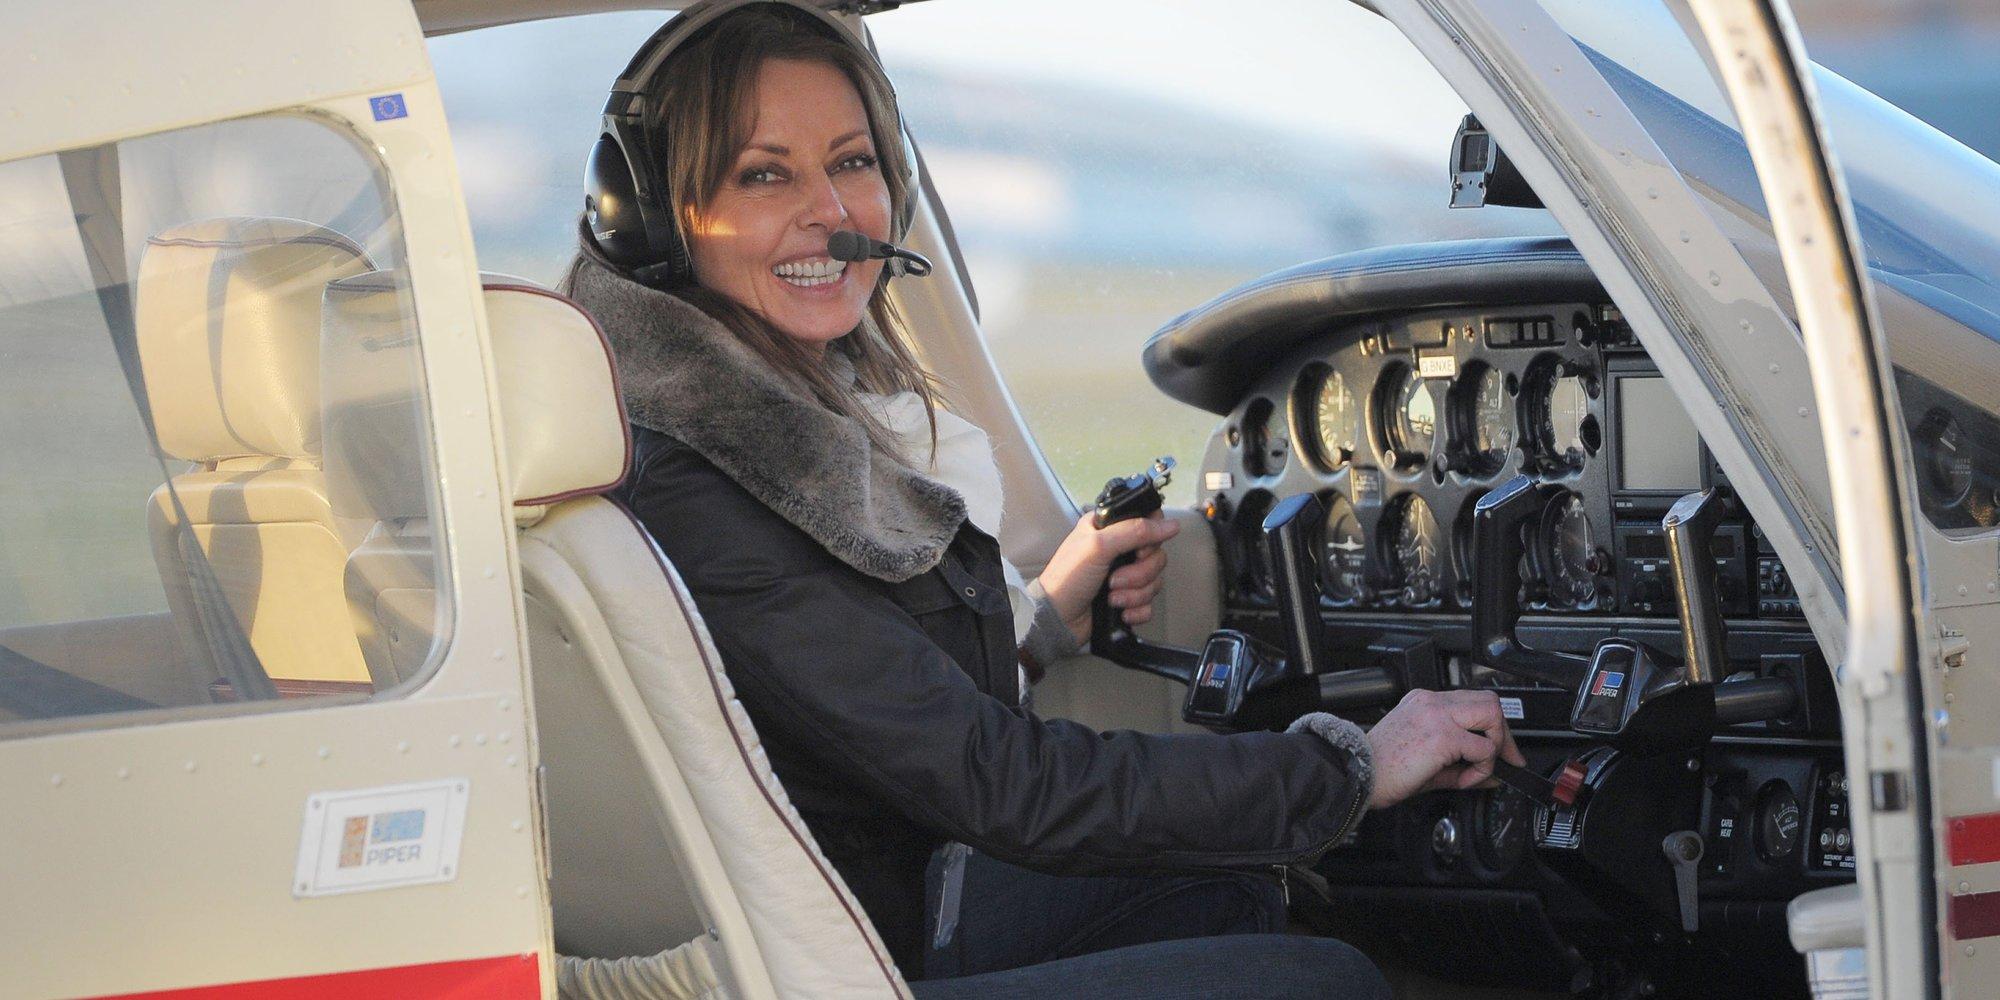 RT @HuffPostUKEnt: Carol Vorderman's plan to fly solo across the globe is back on track https://t.co/KSKBYpeJv3 https://t.co/ICKilDHPLn